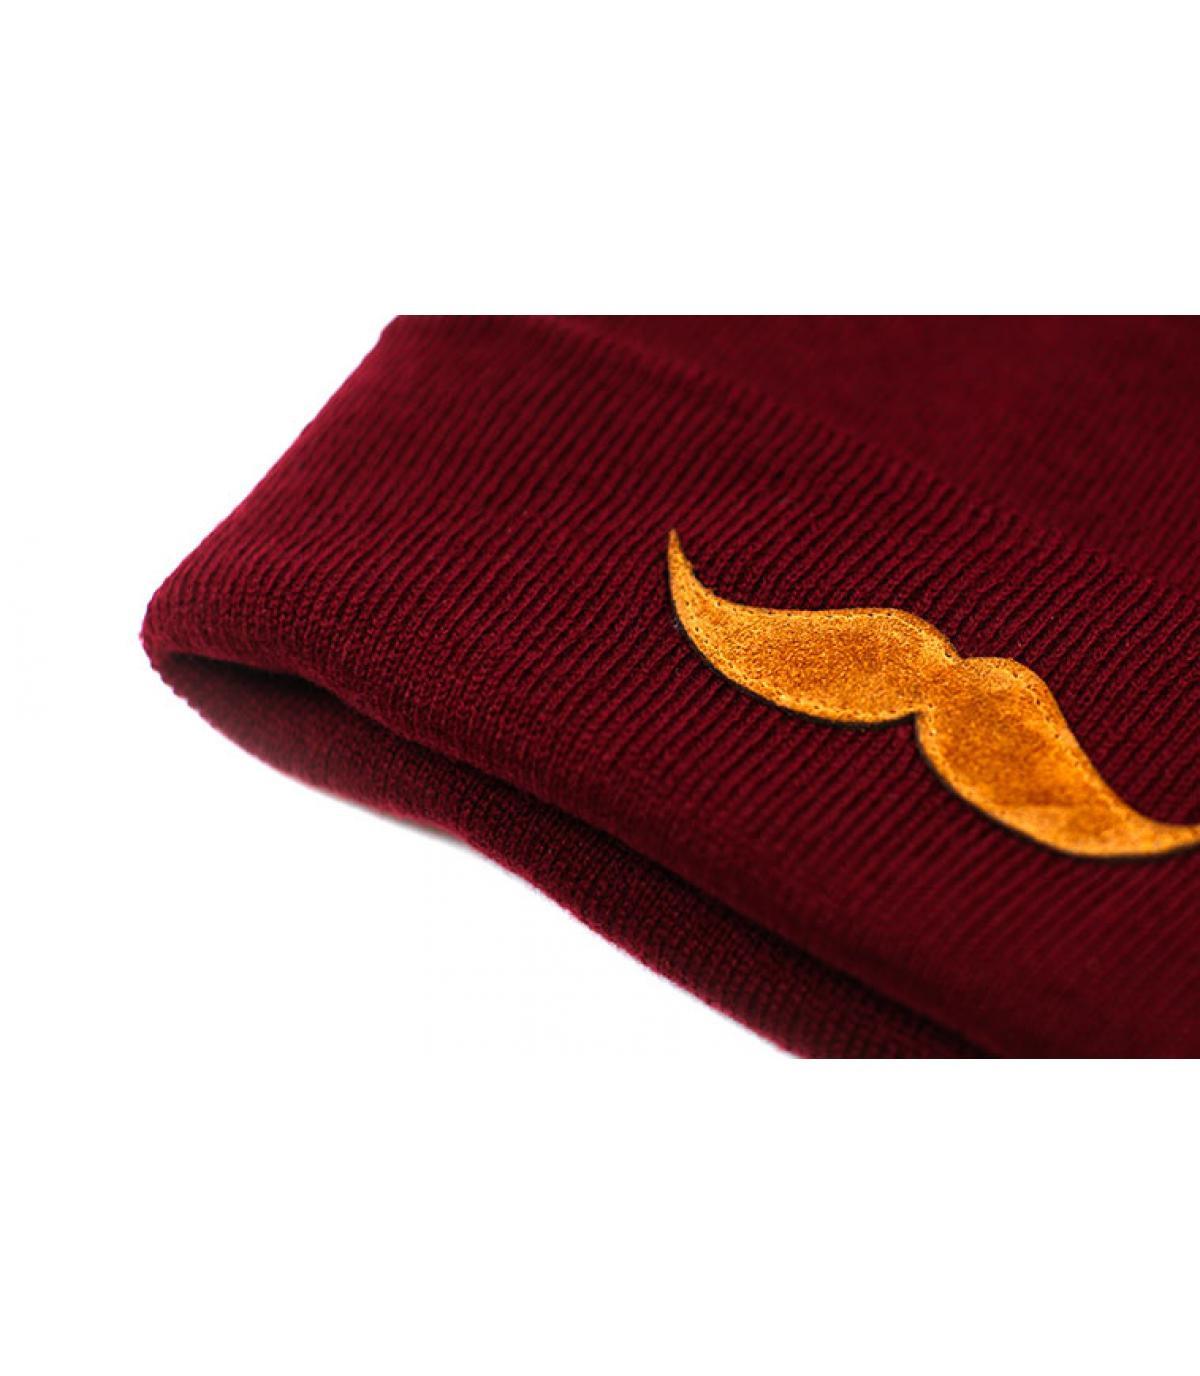 Détails Bonnet Movember burgundy - image 3